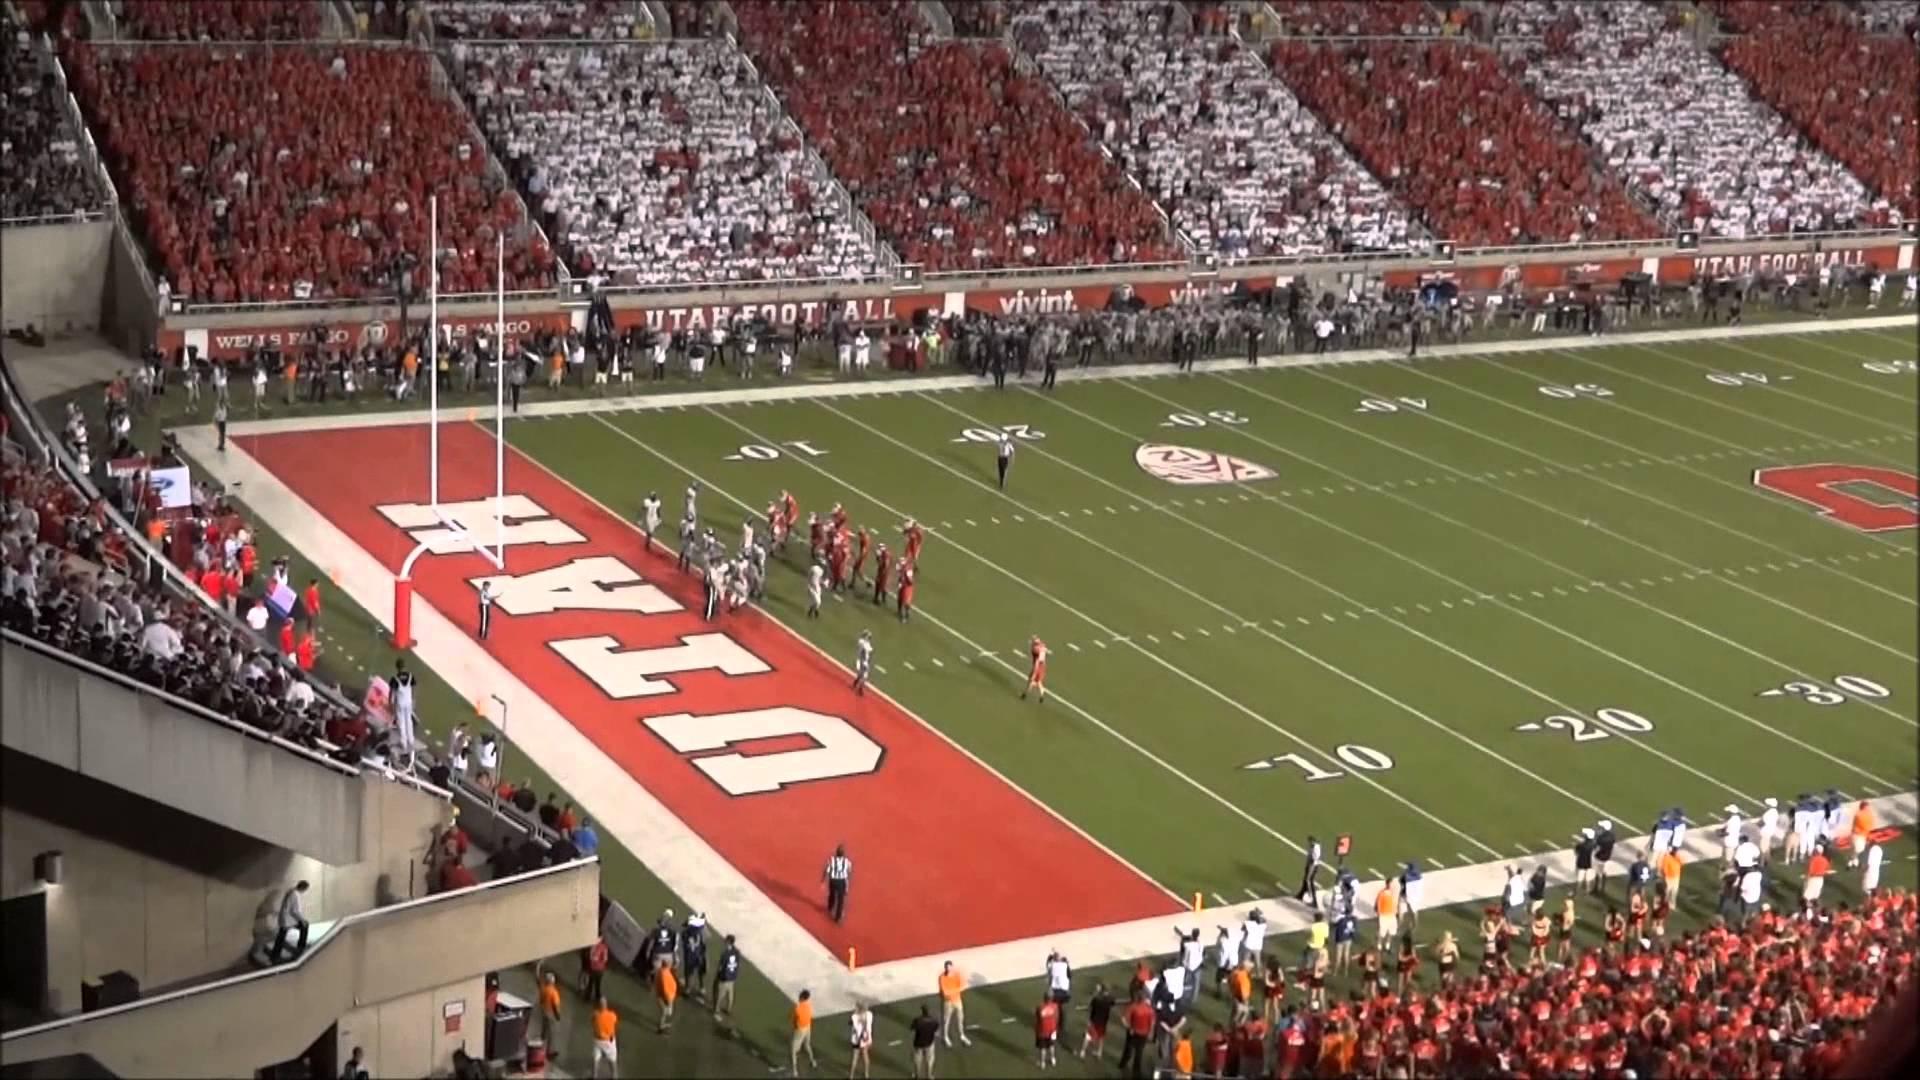 University Of Utah Utes VS Utah State University Aggies Football Game 1920x1080